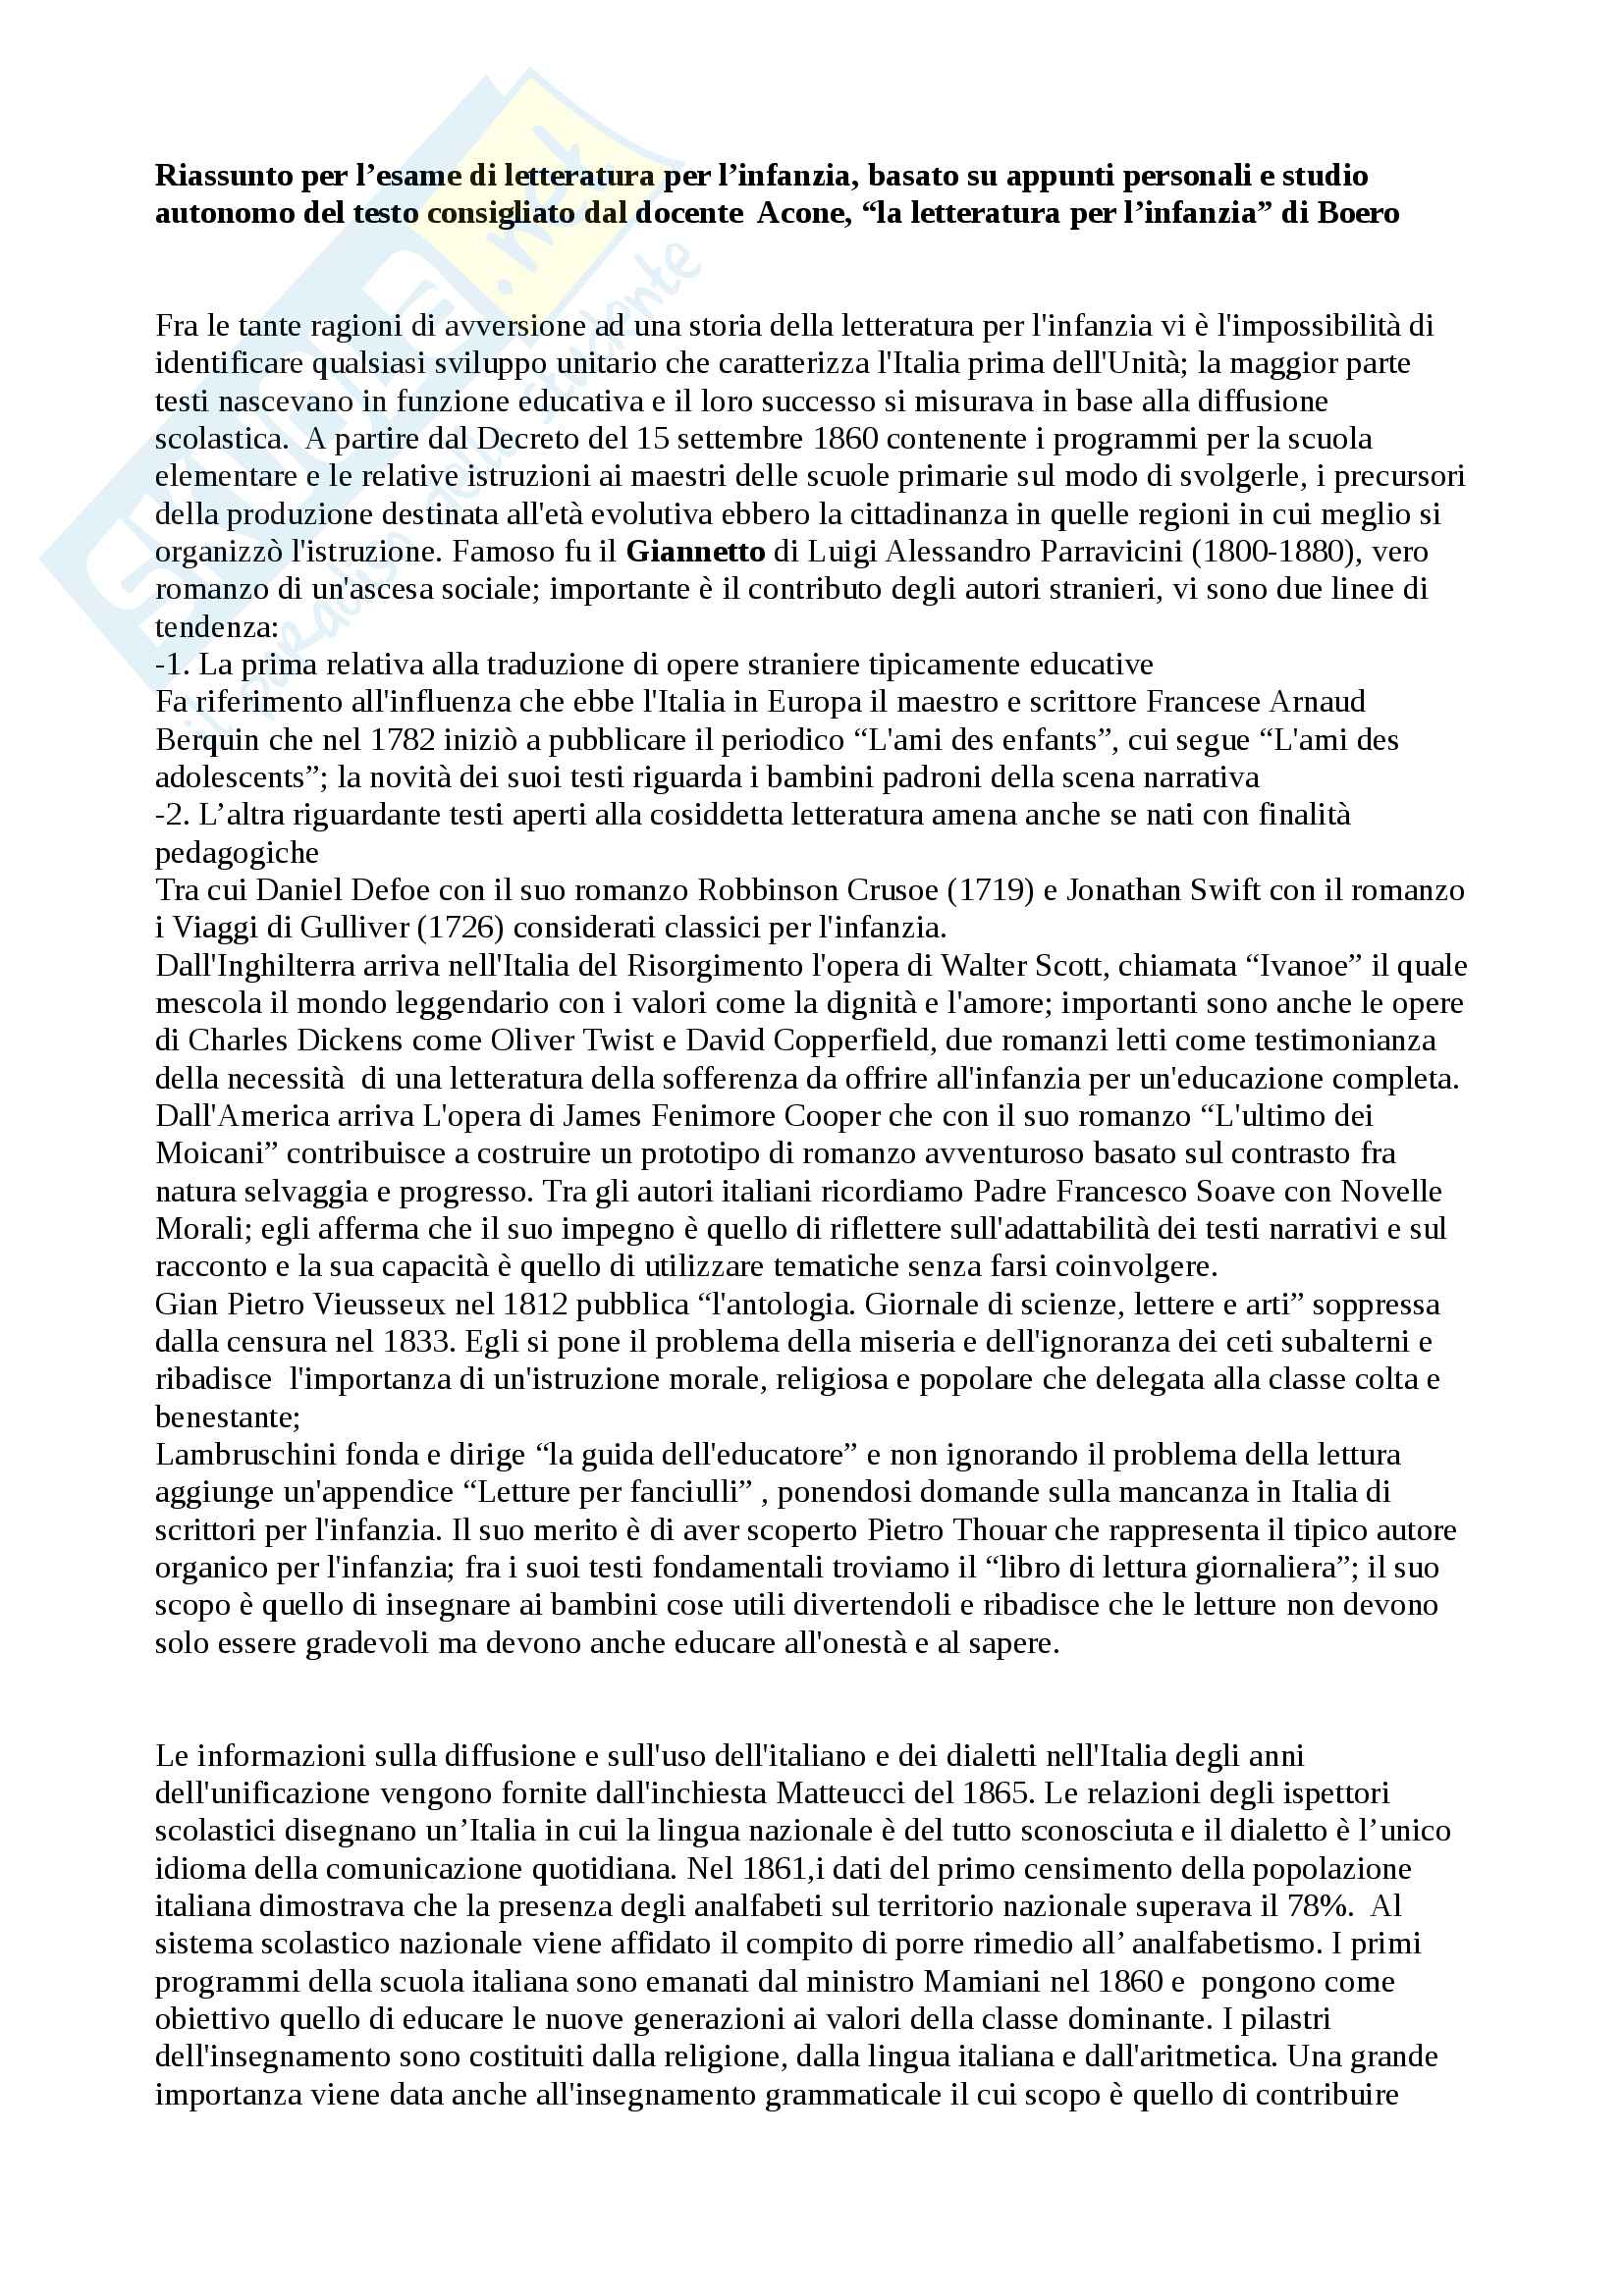 Riassunto esame letteratura per l'infanzia, prof Acone, libro consigliato La letteratura per l'Infanzia, Boero, De Luca